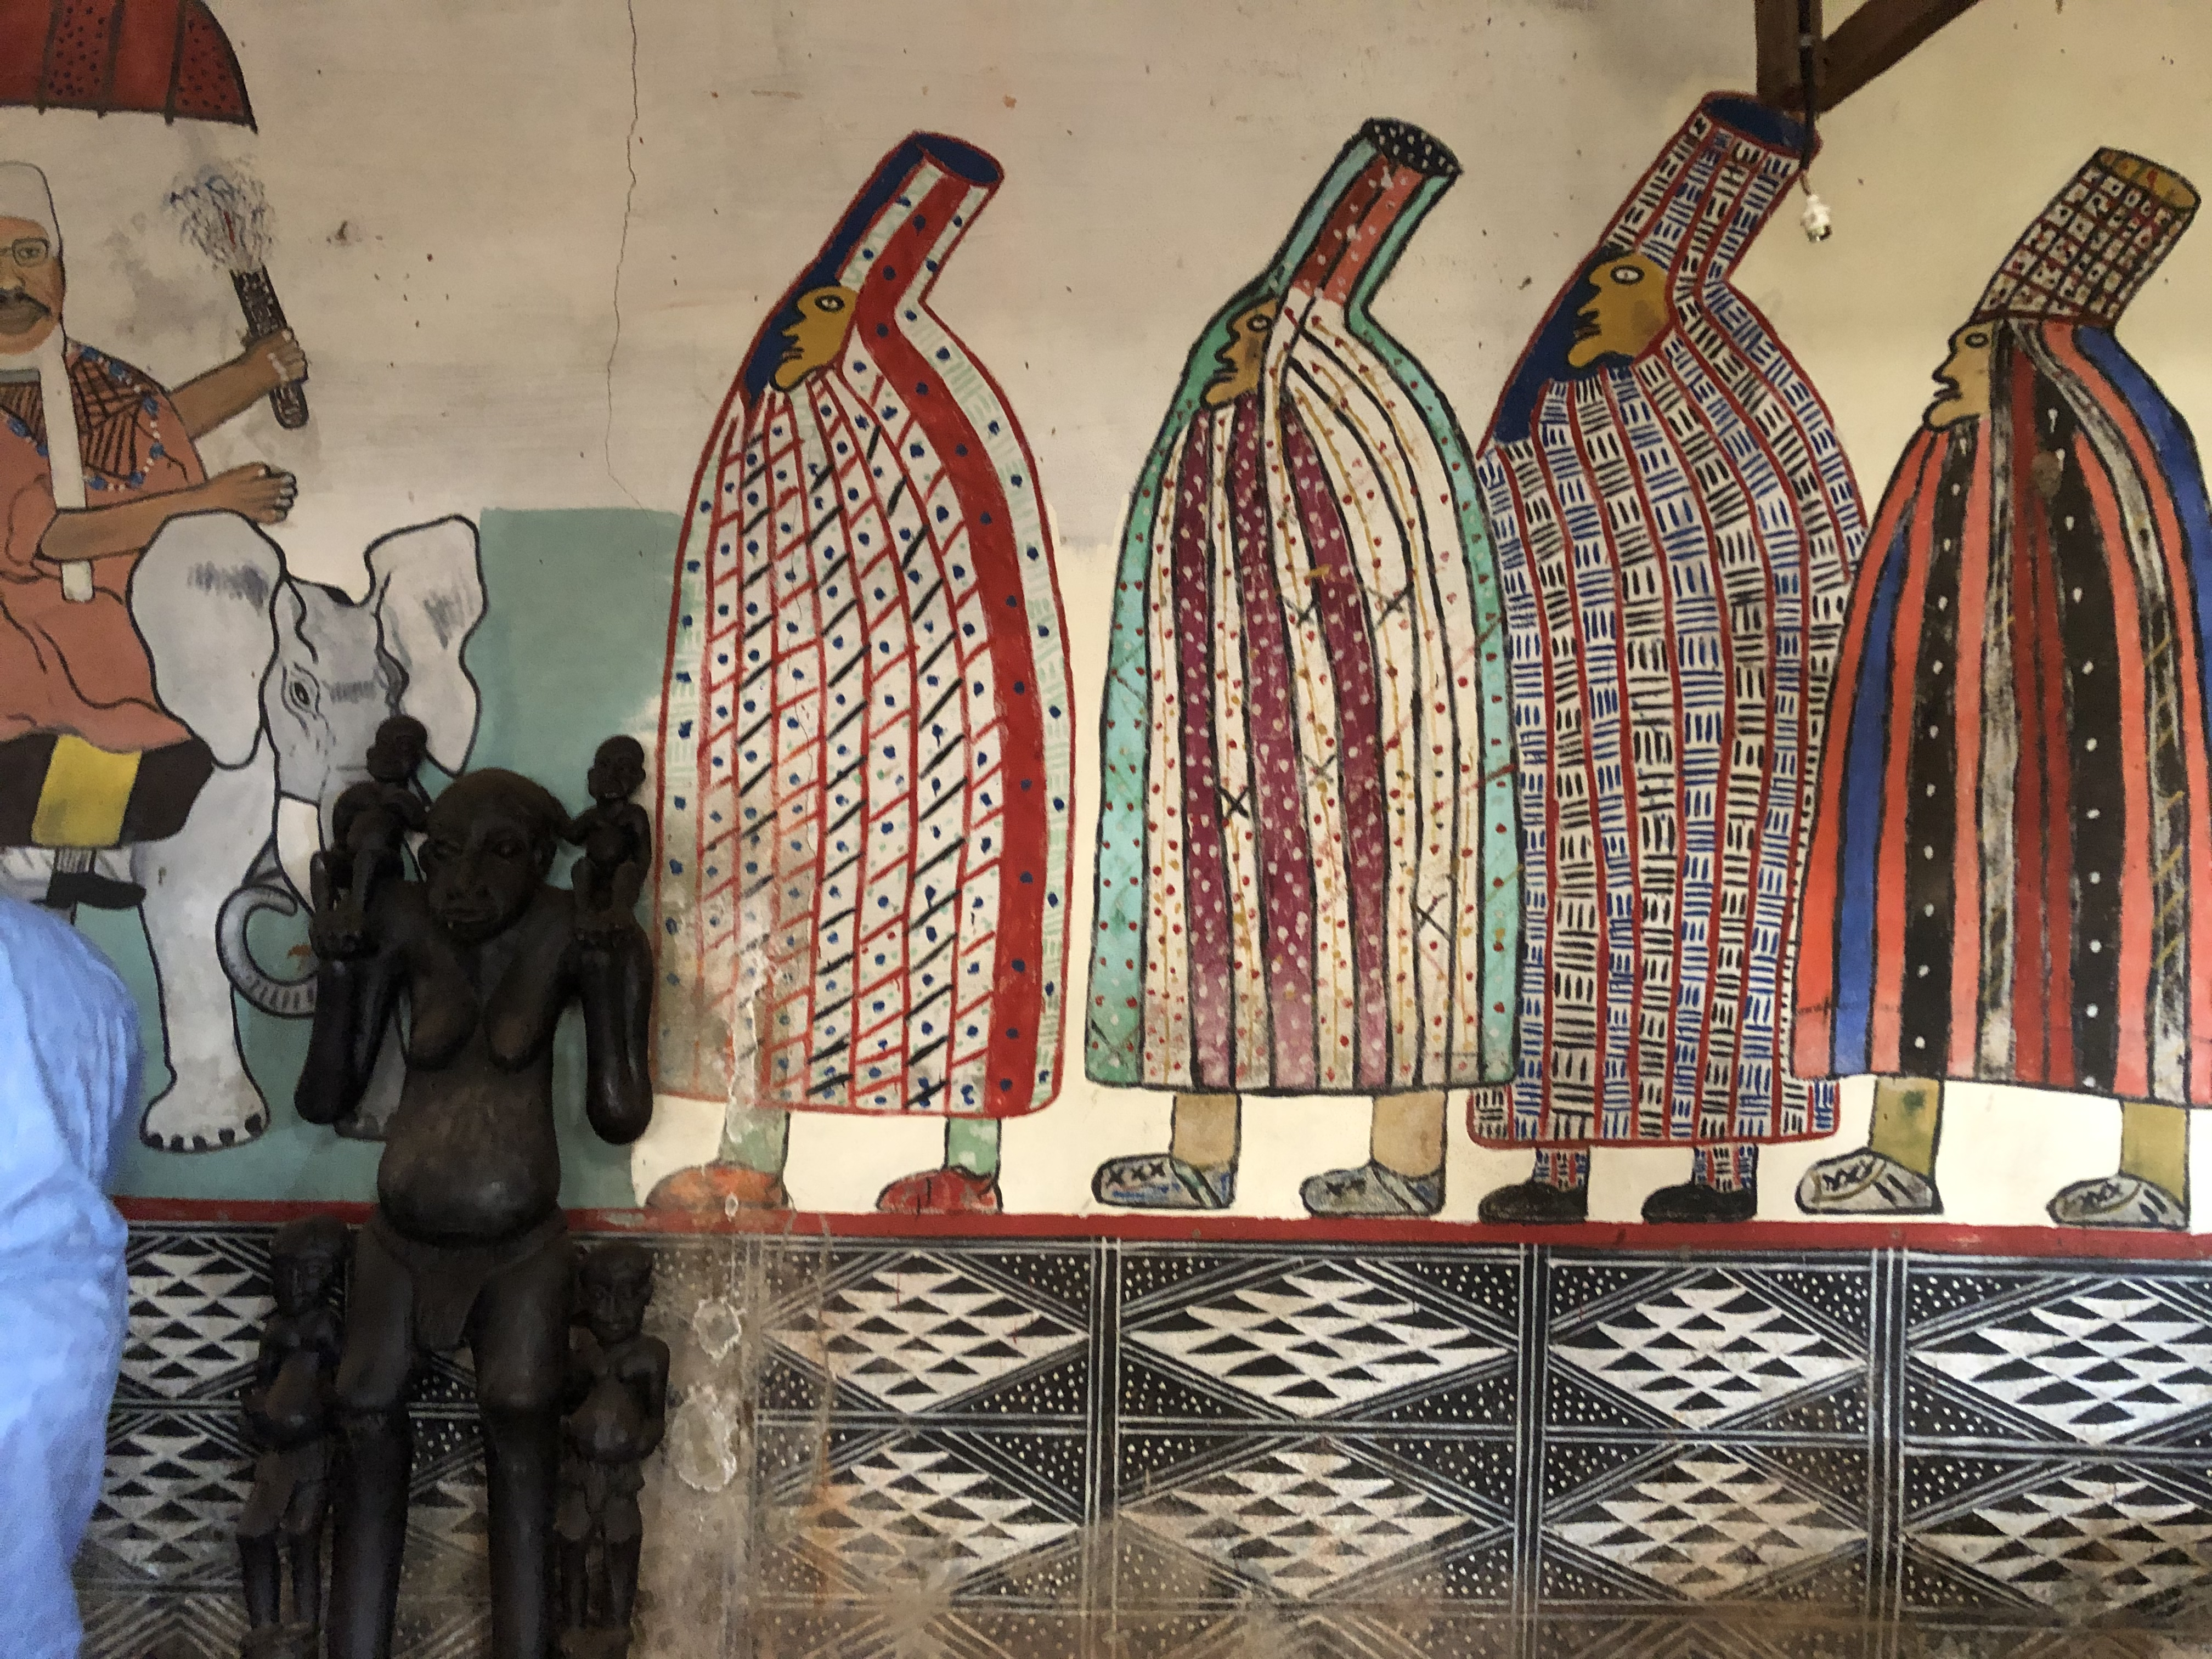 Peintures murales du royaume de Bangoulap : de l'oralité à la visualité